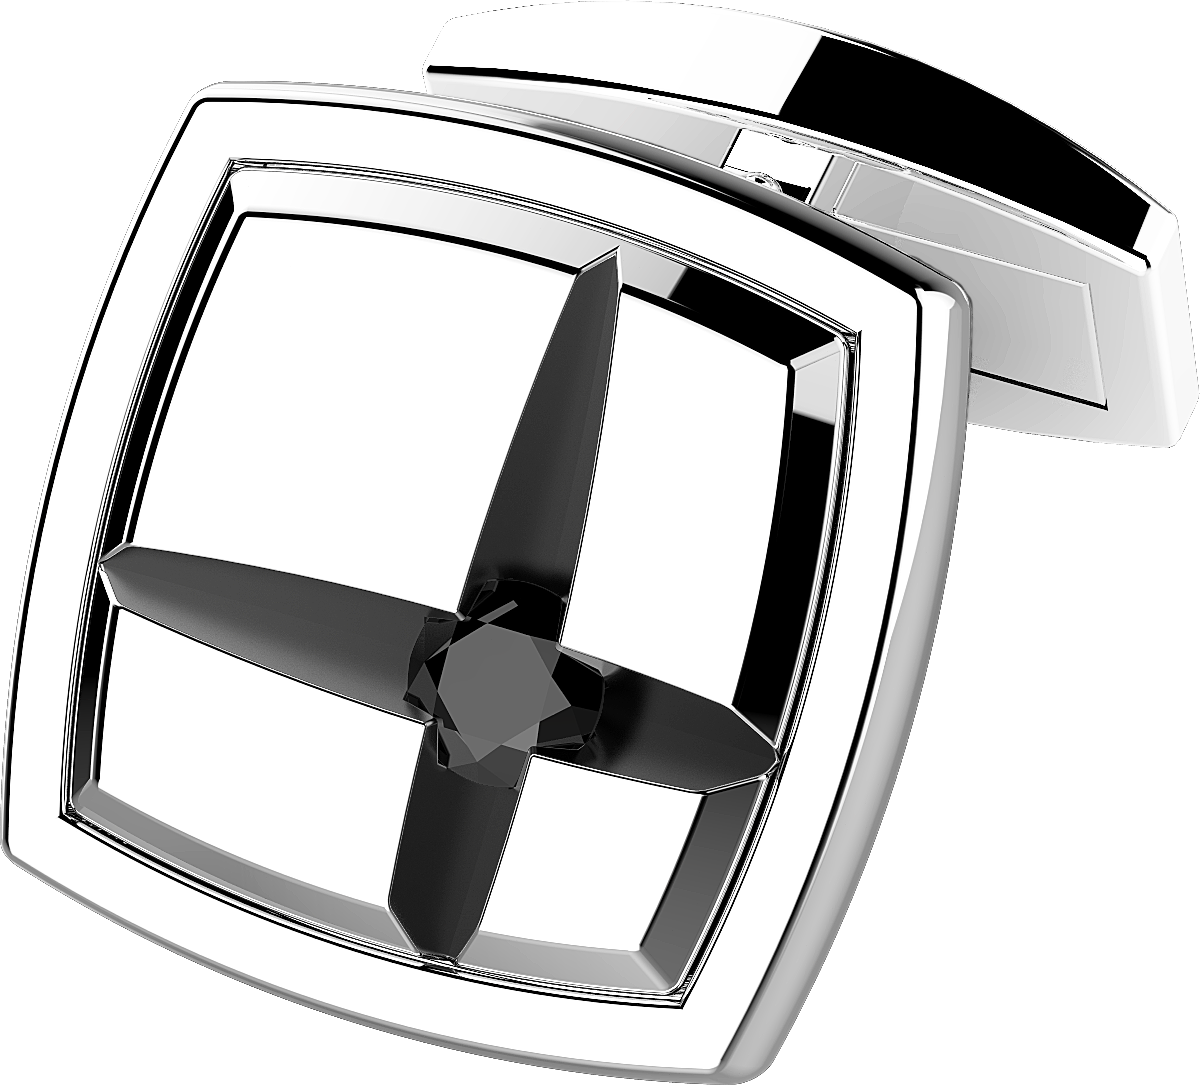 Gemelli argento bicolore zancan con spinelli neri